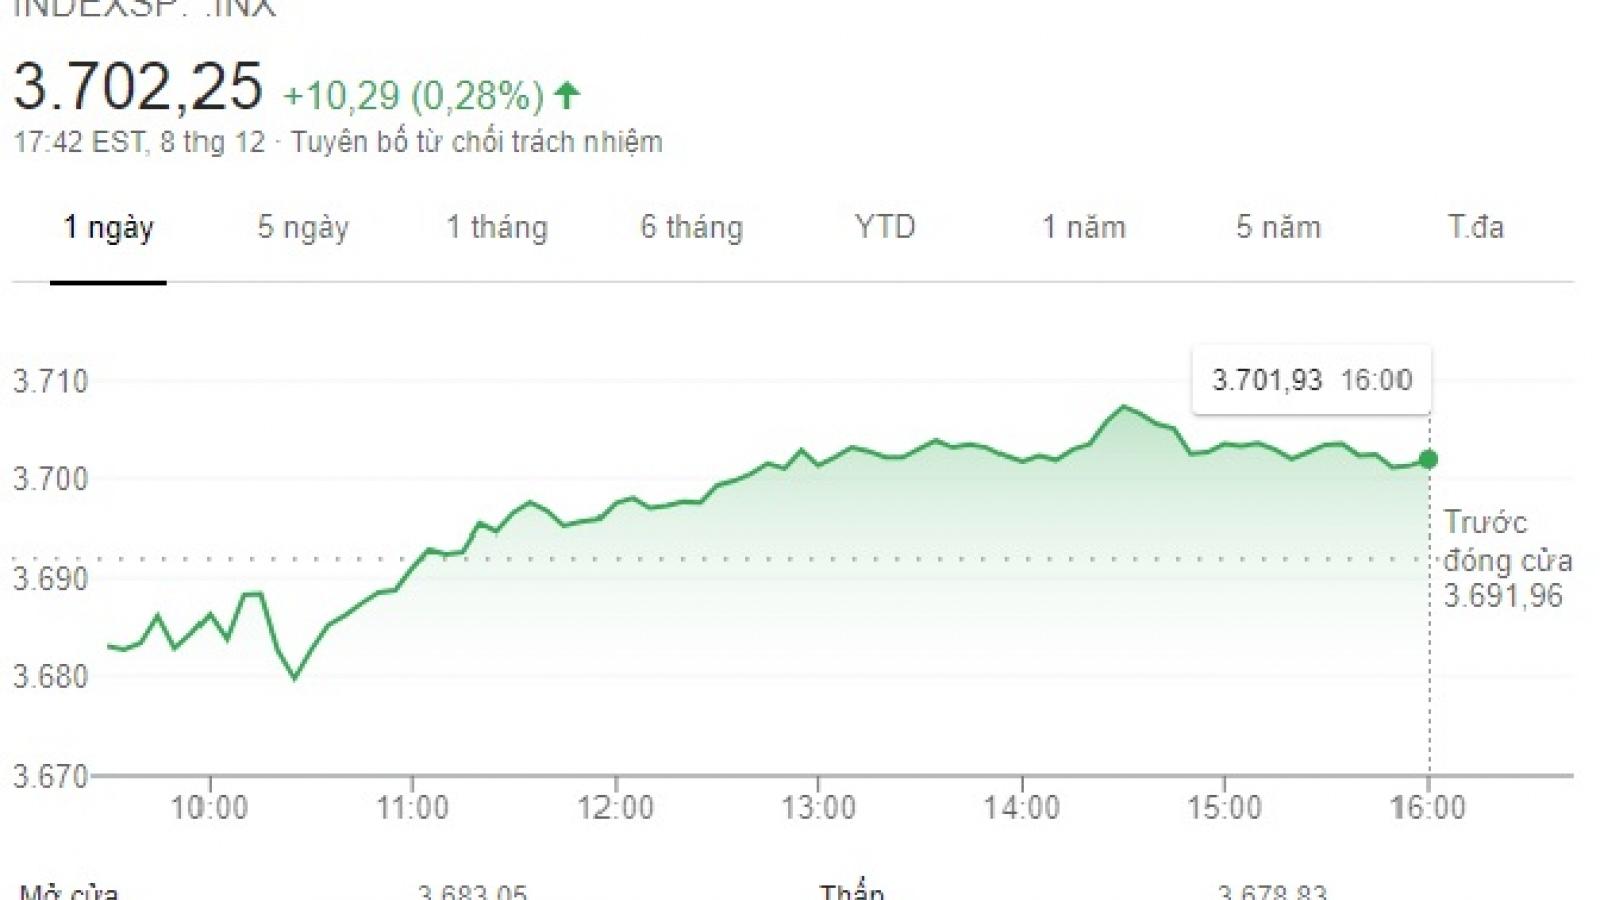 Lần đầu tiên chỉ số S&P 500 vượt mốc 3.700 điểm nhờ vaccine Covid-19